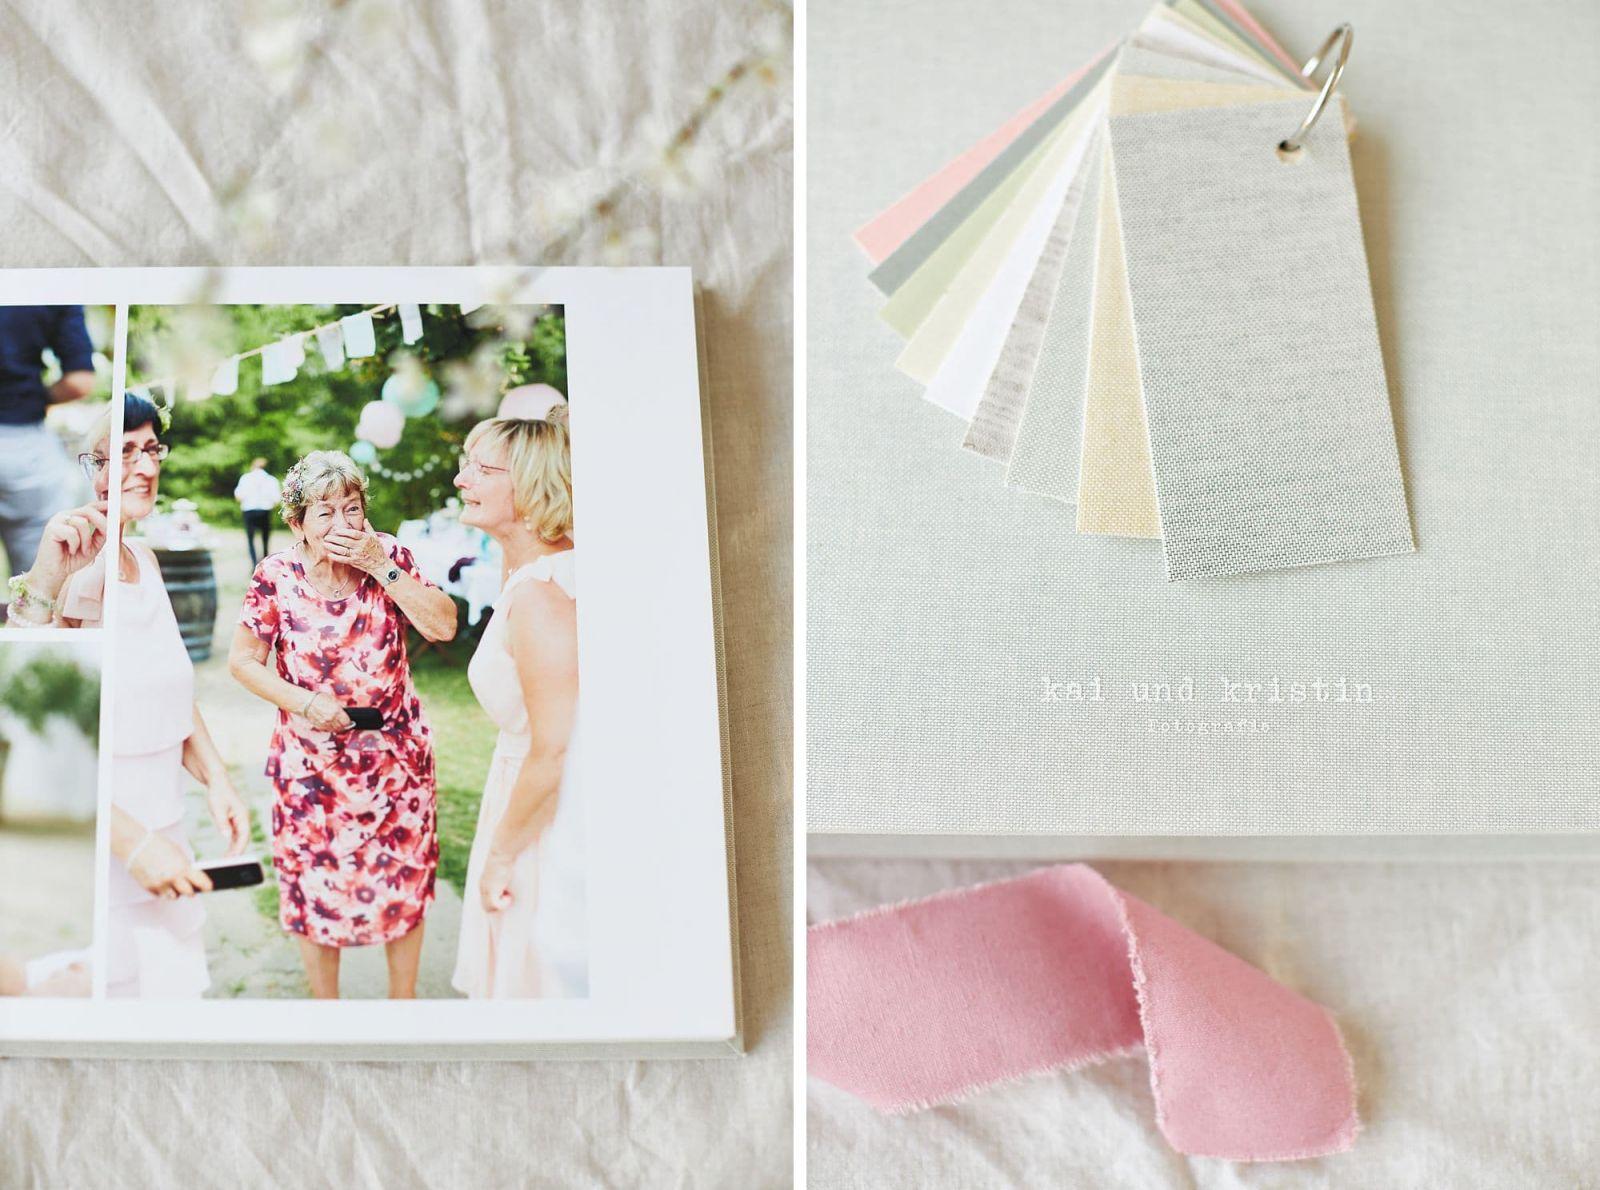 Eine Seite aus einem Hochzeitsbuch mit einem Hochzeitsgast und verschiedene Einbände